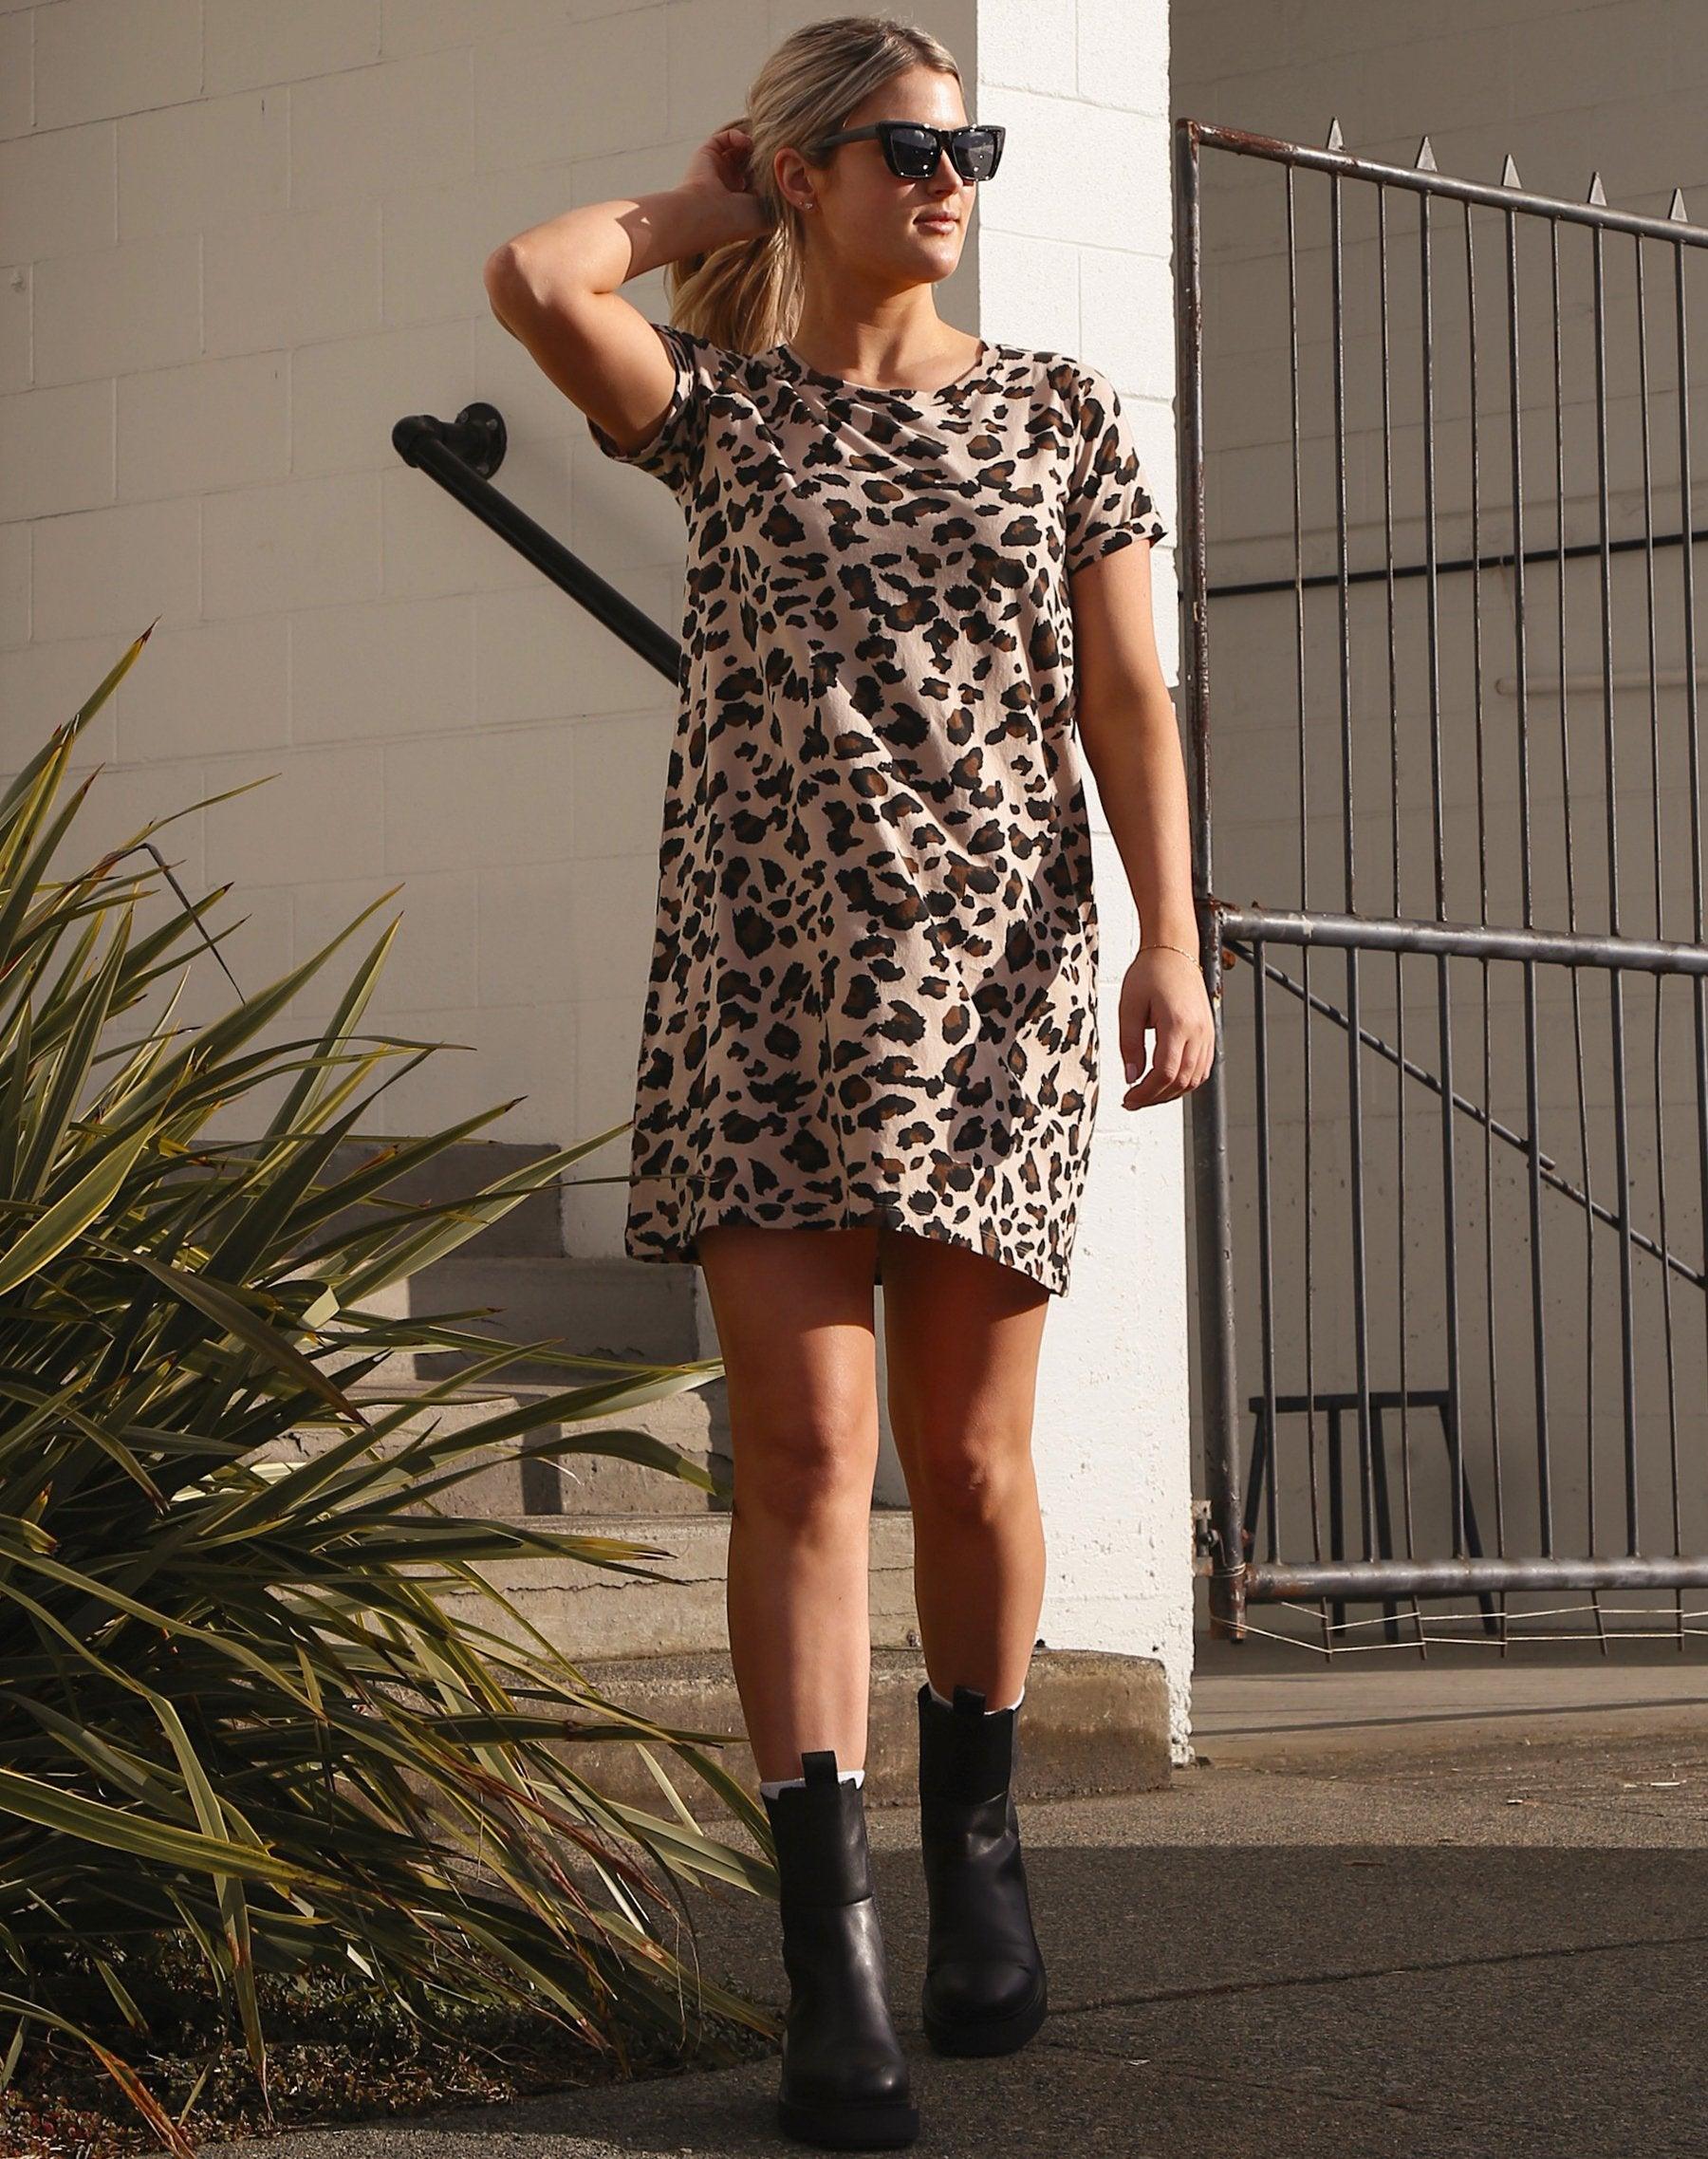 model wearing the leopard t-shirt dress